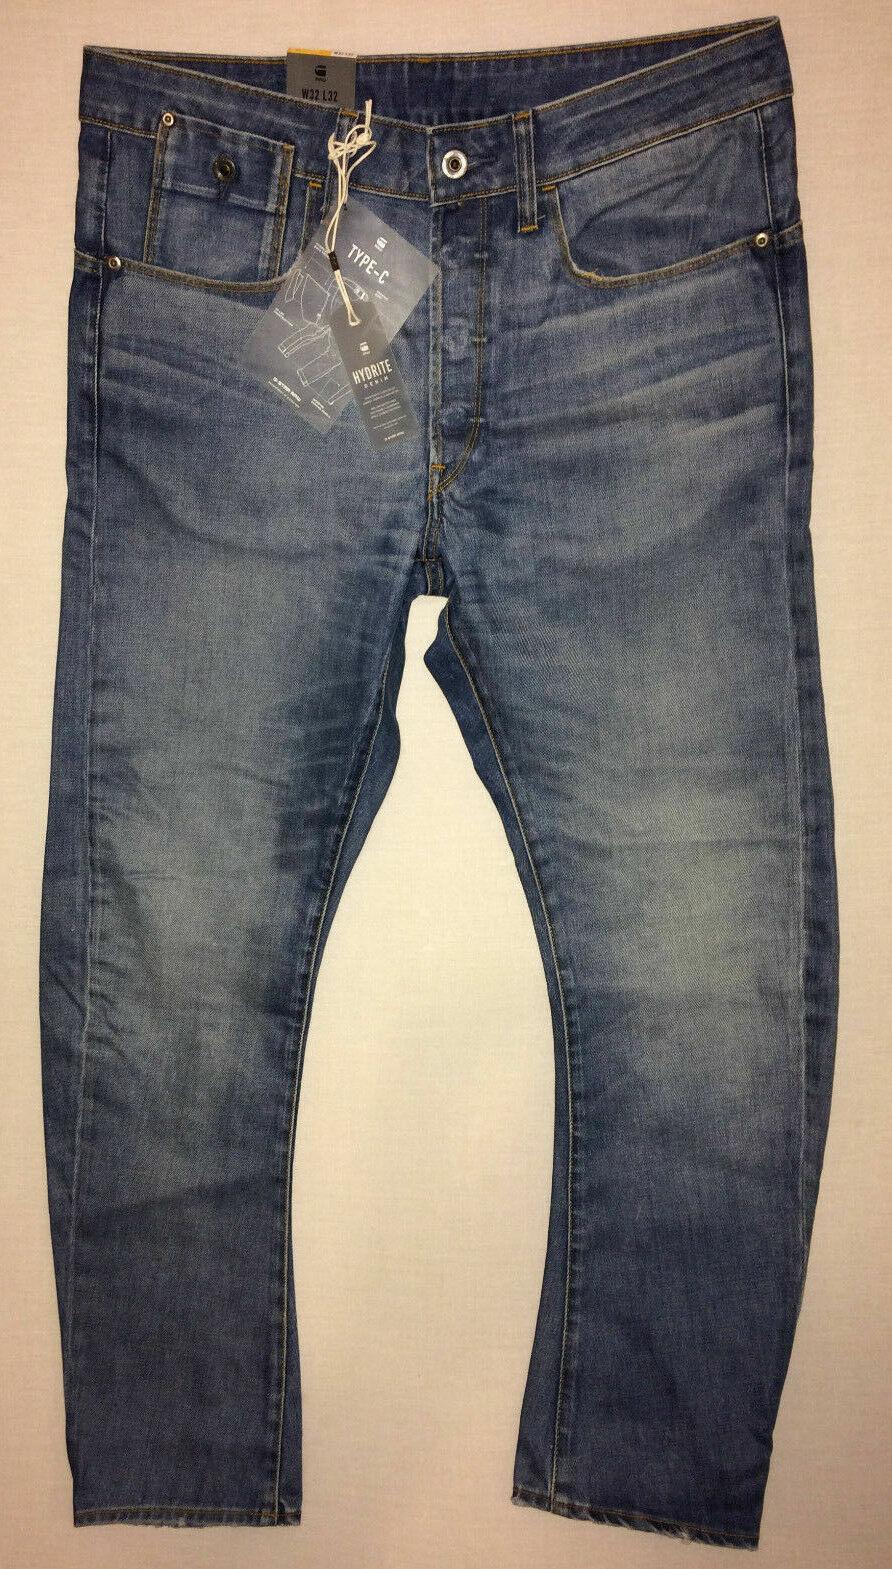 G  Estrella Hombre Jeans Azul Denim Tipo C 3D Cónico HYDRITE oscuro envejecido W32 L34  primera reputación de los clientes primero